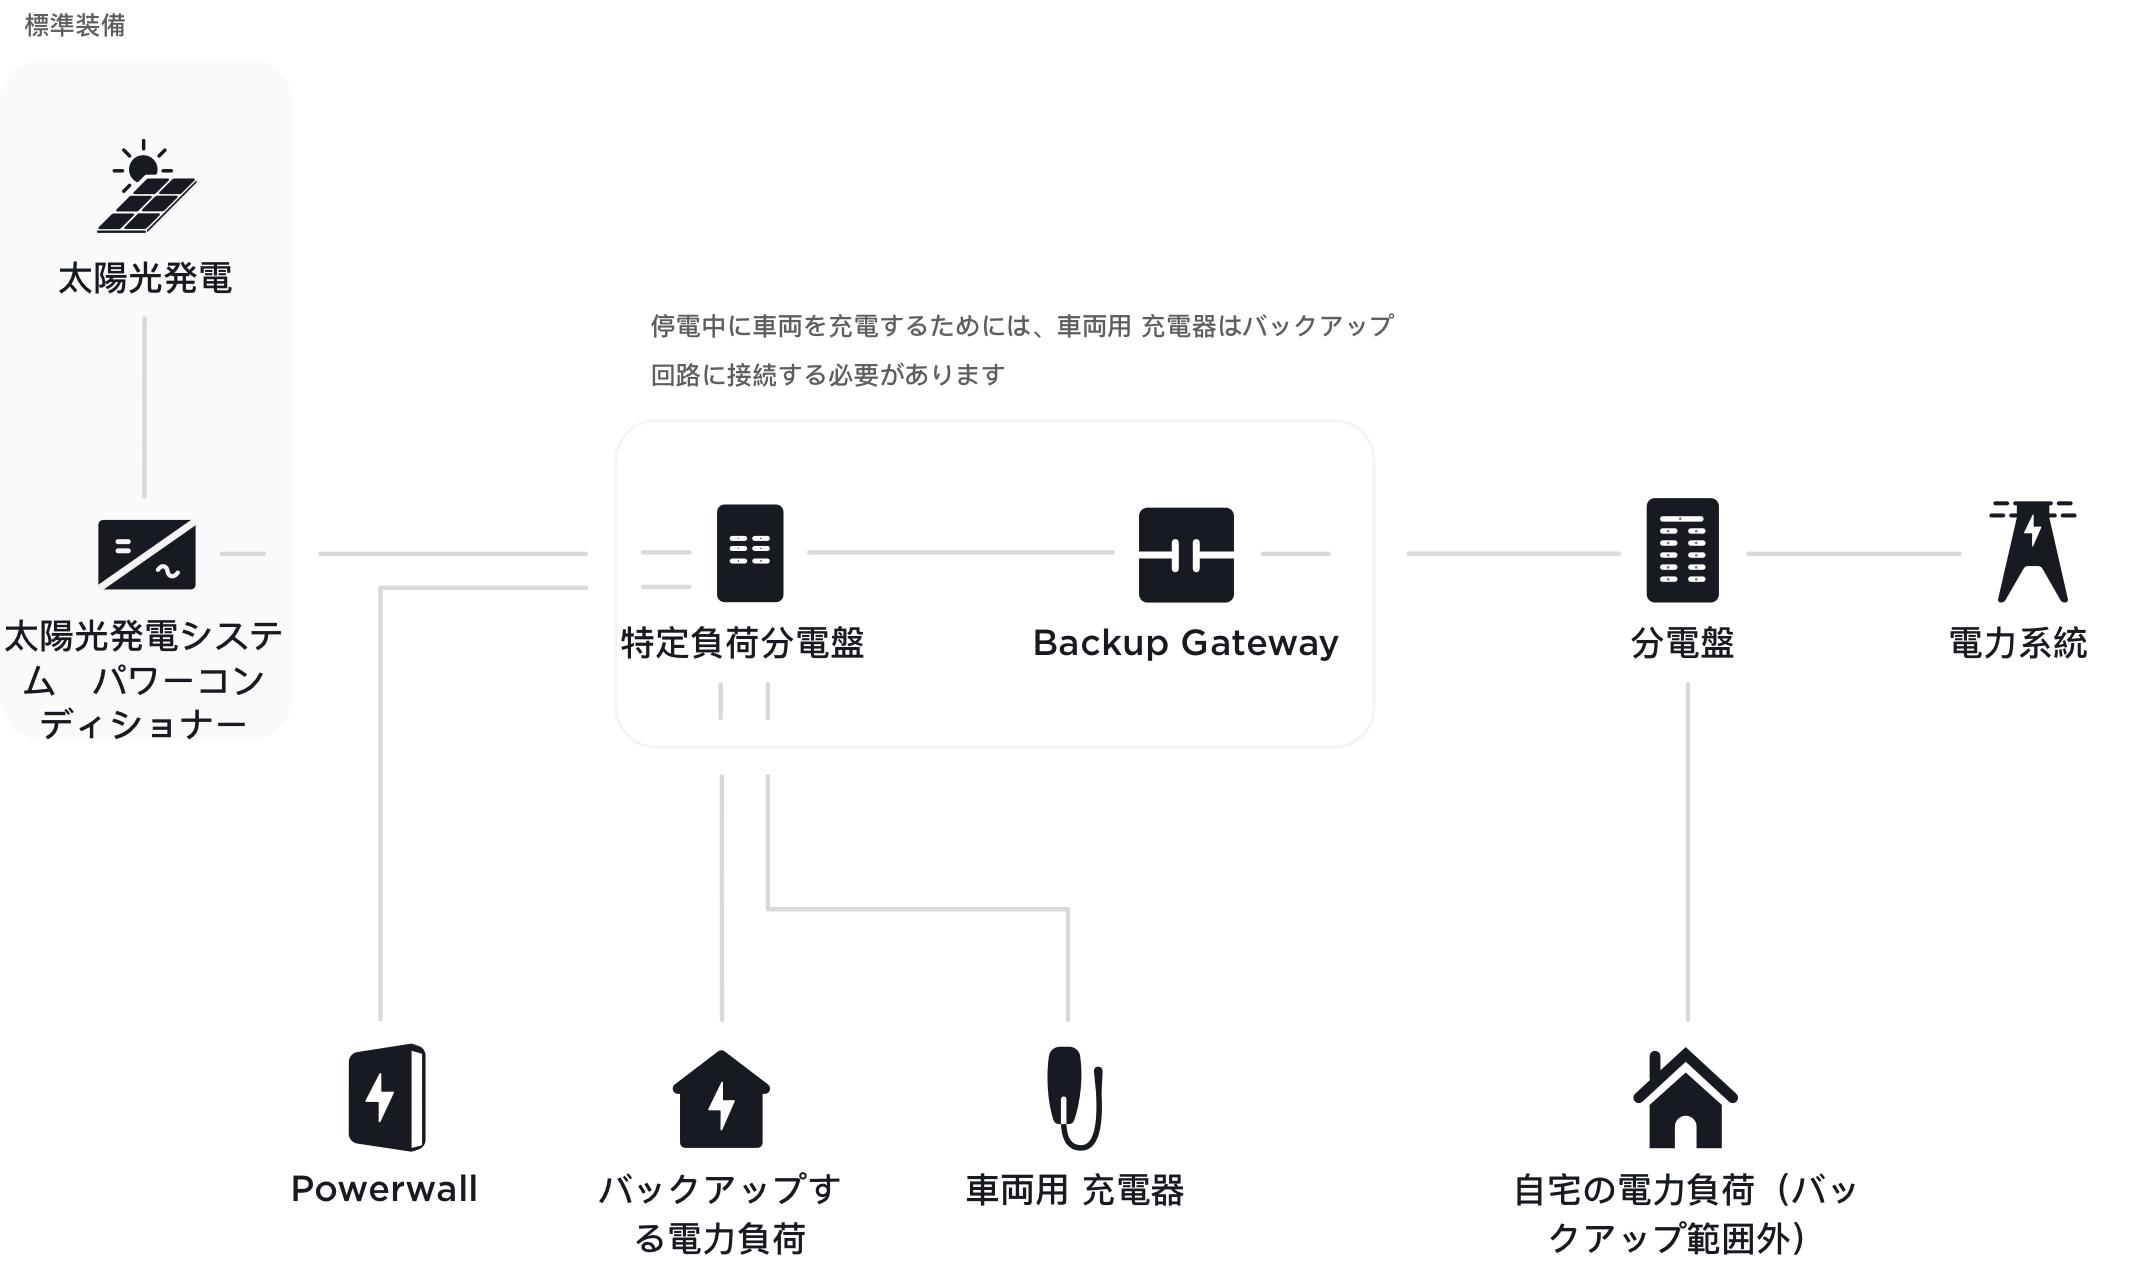 Powerwallと車両の充電を連携するためのデザイン